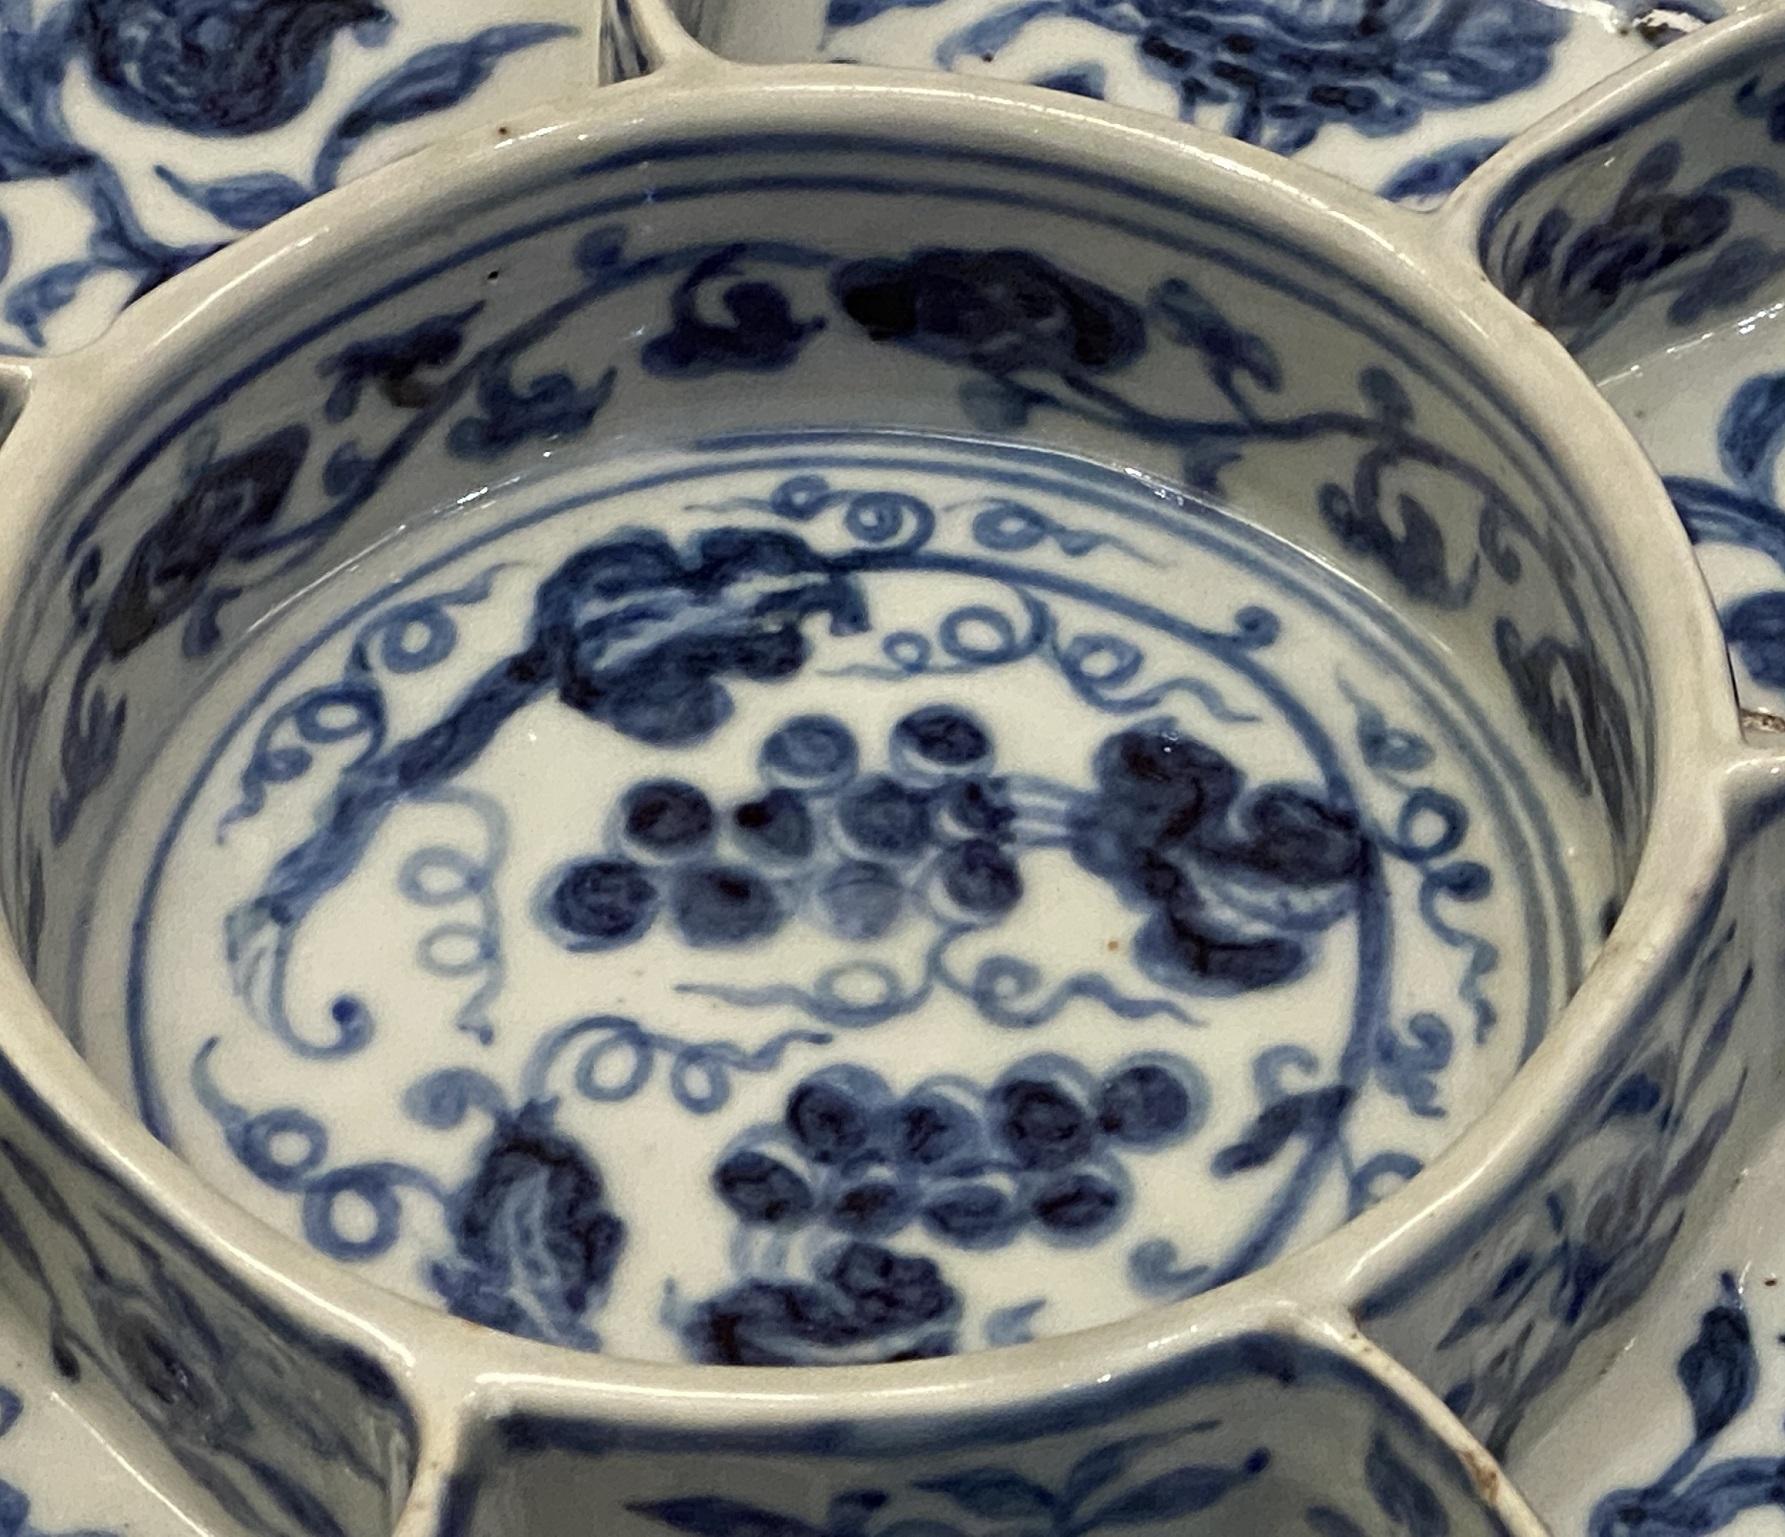 宣徳青花花果八格食盤-明時代-特別展【食味人間】四川博物院・中国国家博物館